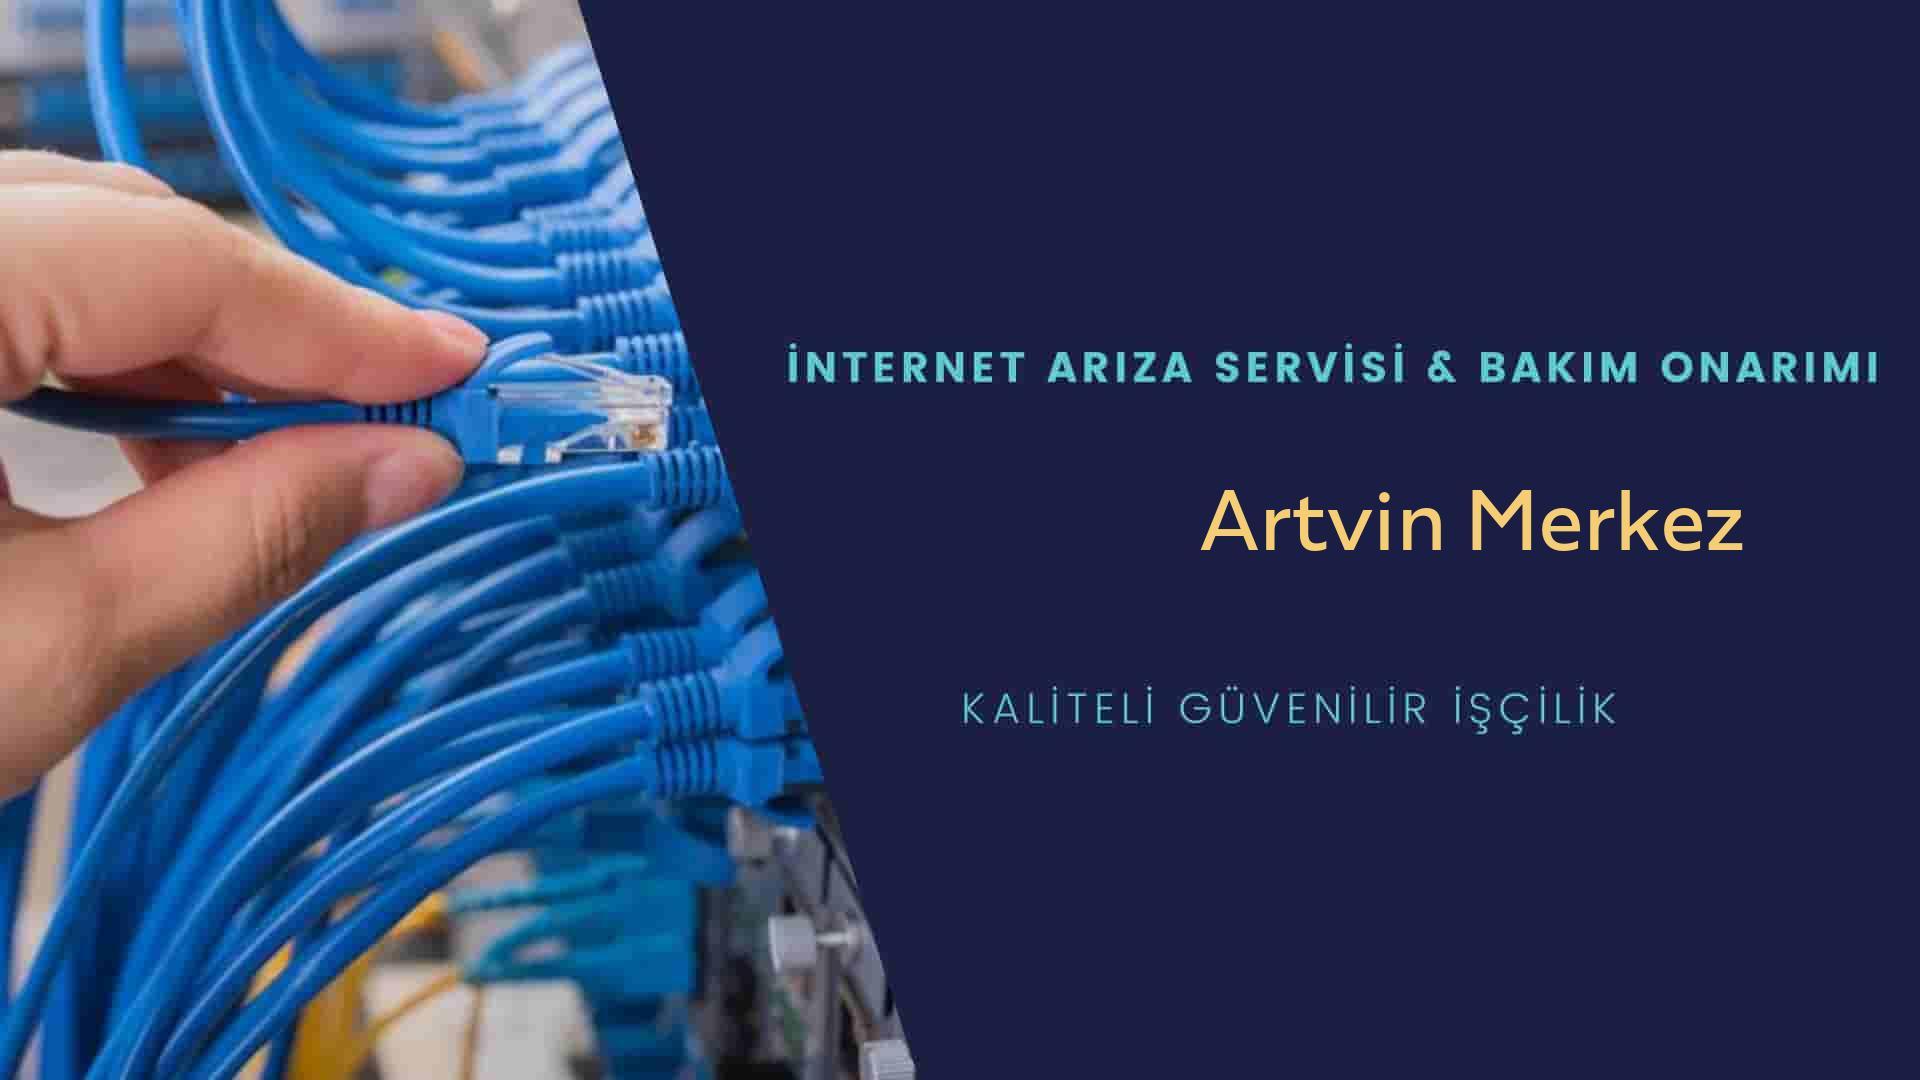 Artvin Merkez internet kablosu çekimi yapan yerler veya elektrikçiler mi? arıyorsunuz doğru yerdesiniz o zaman sizlere 7/24 yardımcı olacak profesyonel ustalarımız bir telefon kadar yakındır size.